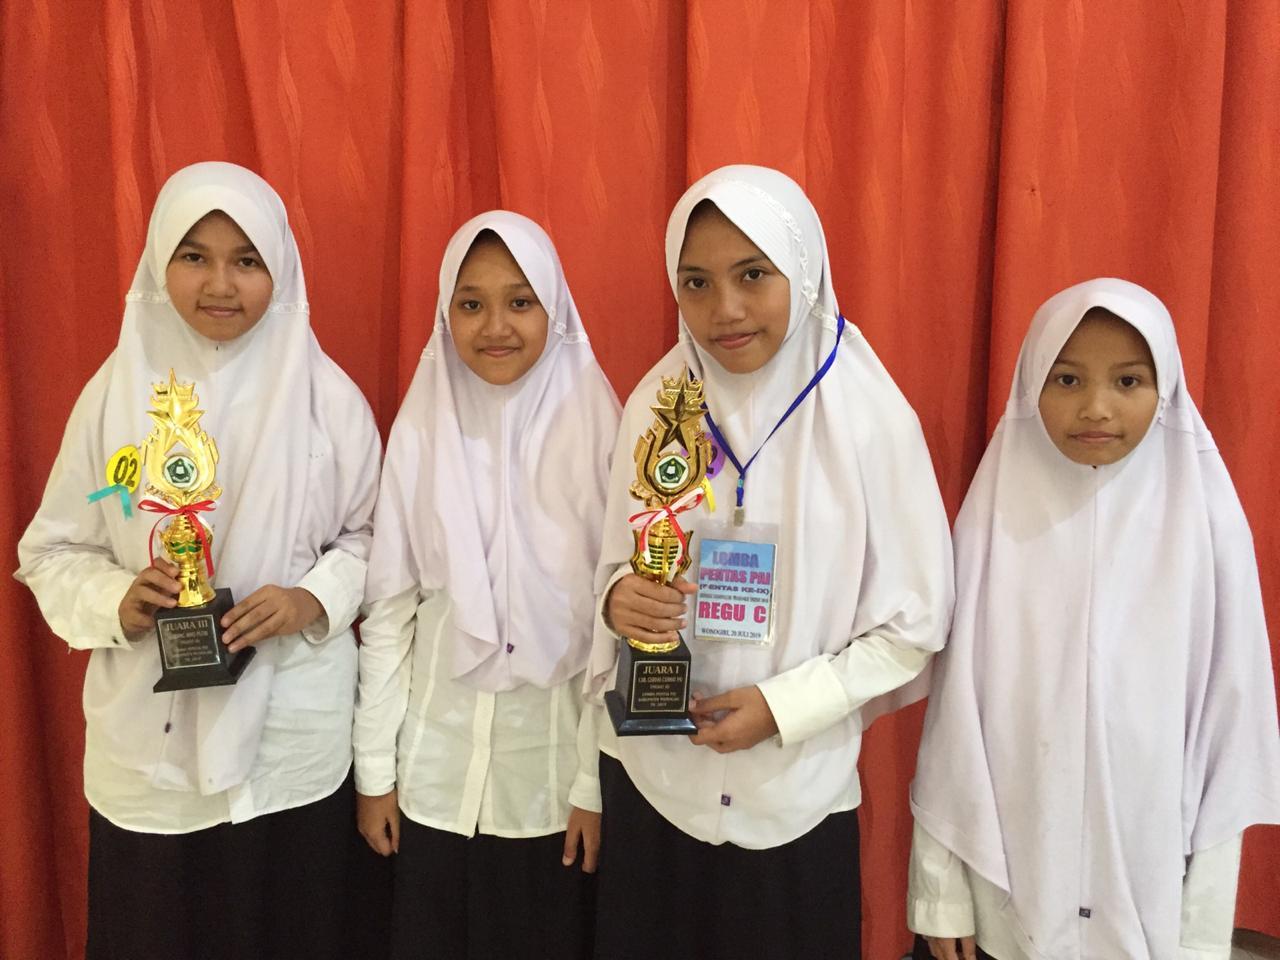 Juara Pentas PAI 2019 Tingkat Kabupaten Wonogiri